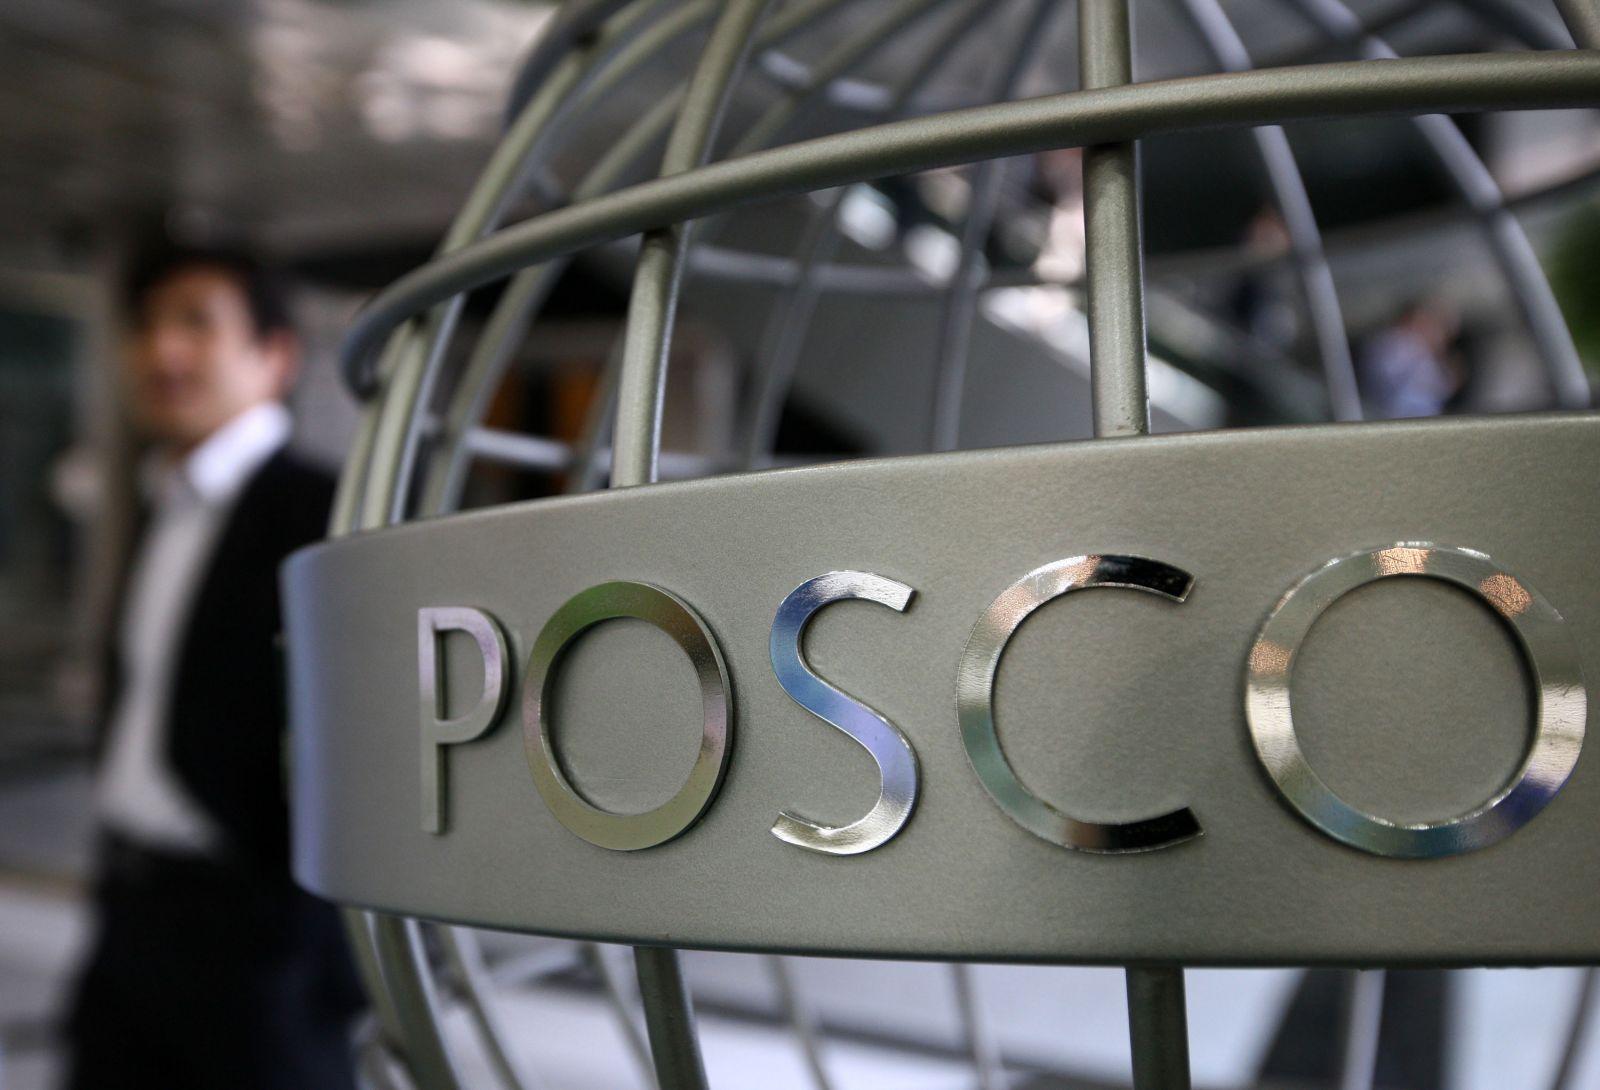 Thép hình Posco